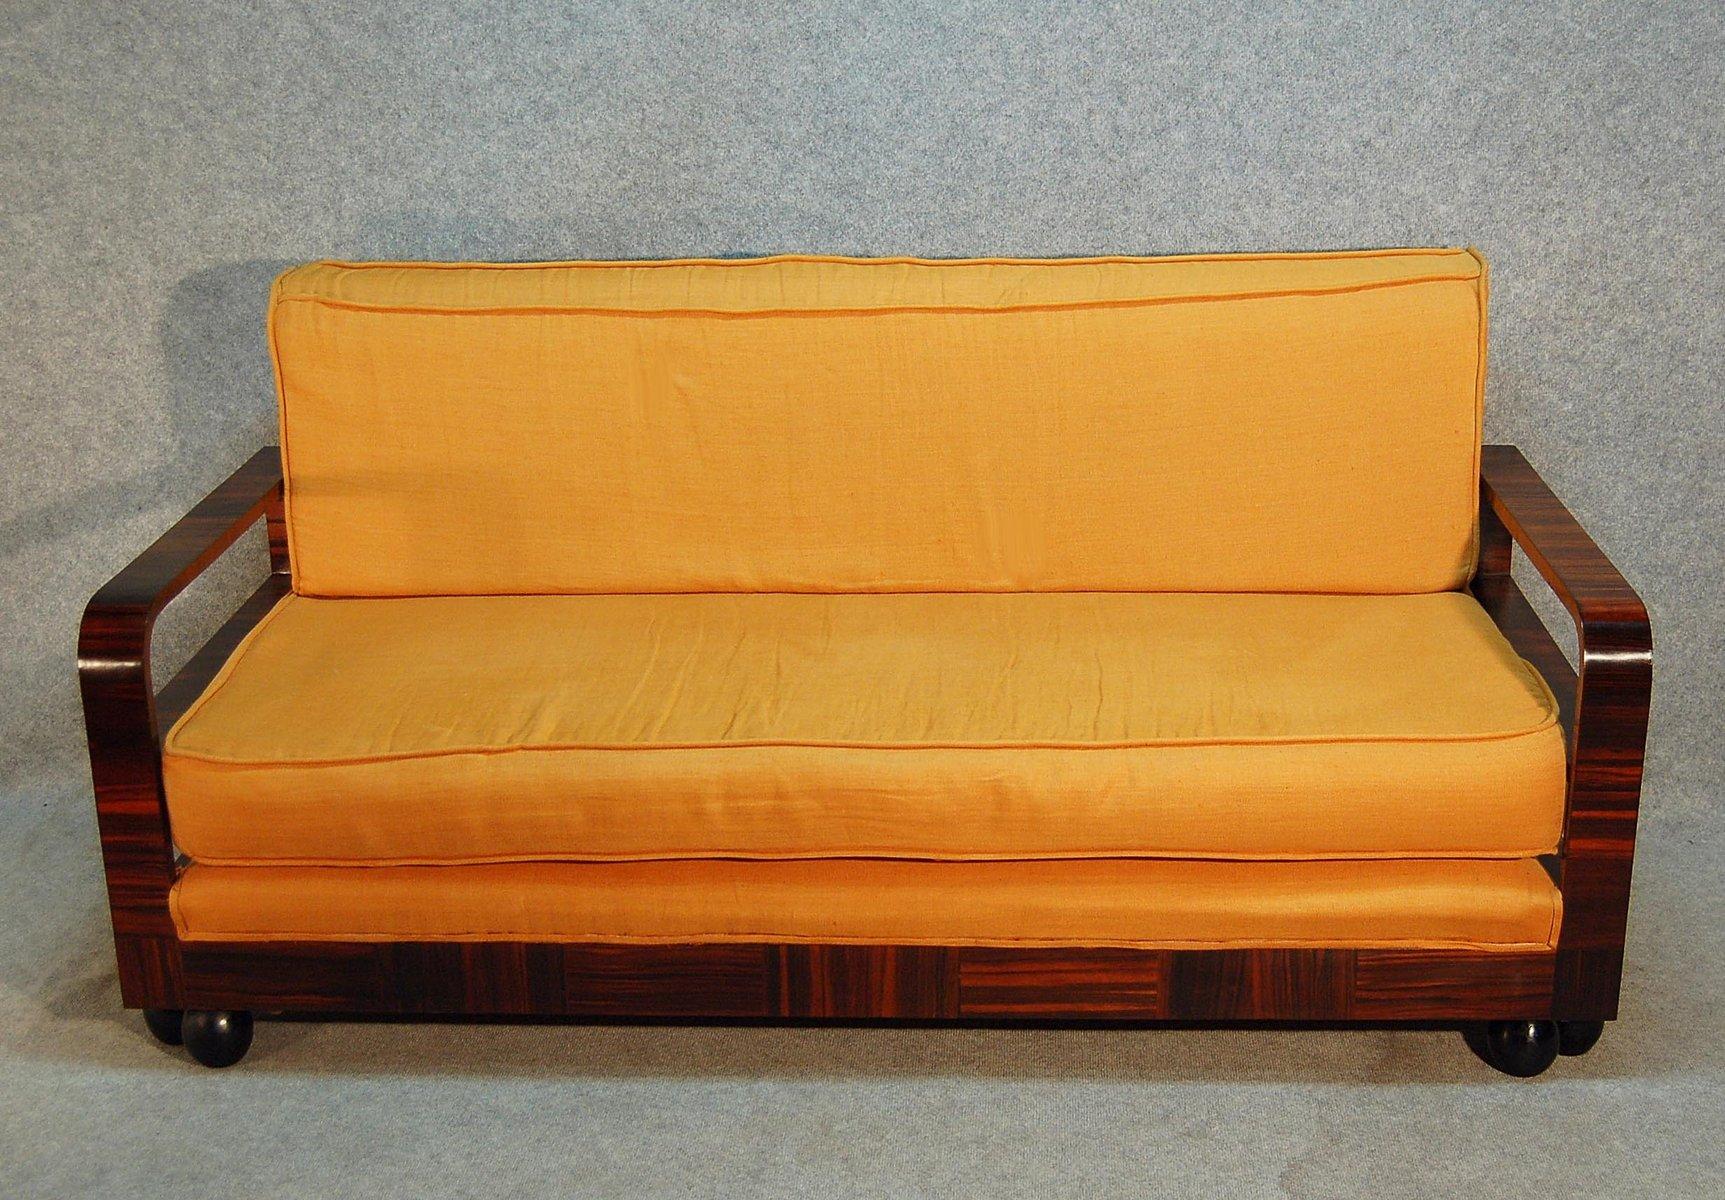 Art Deco Macassar Ebenholz Sofa, 1930er